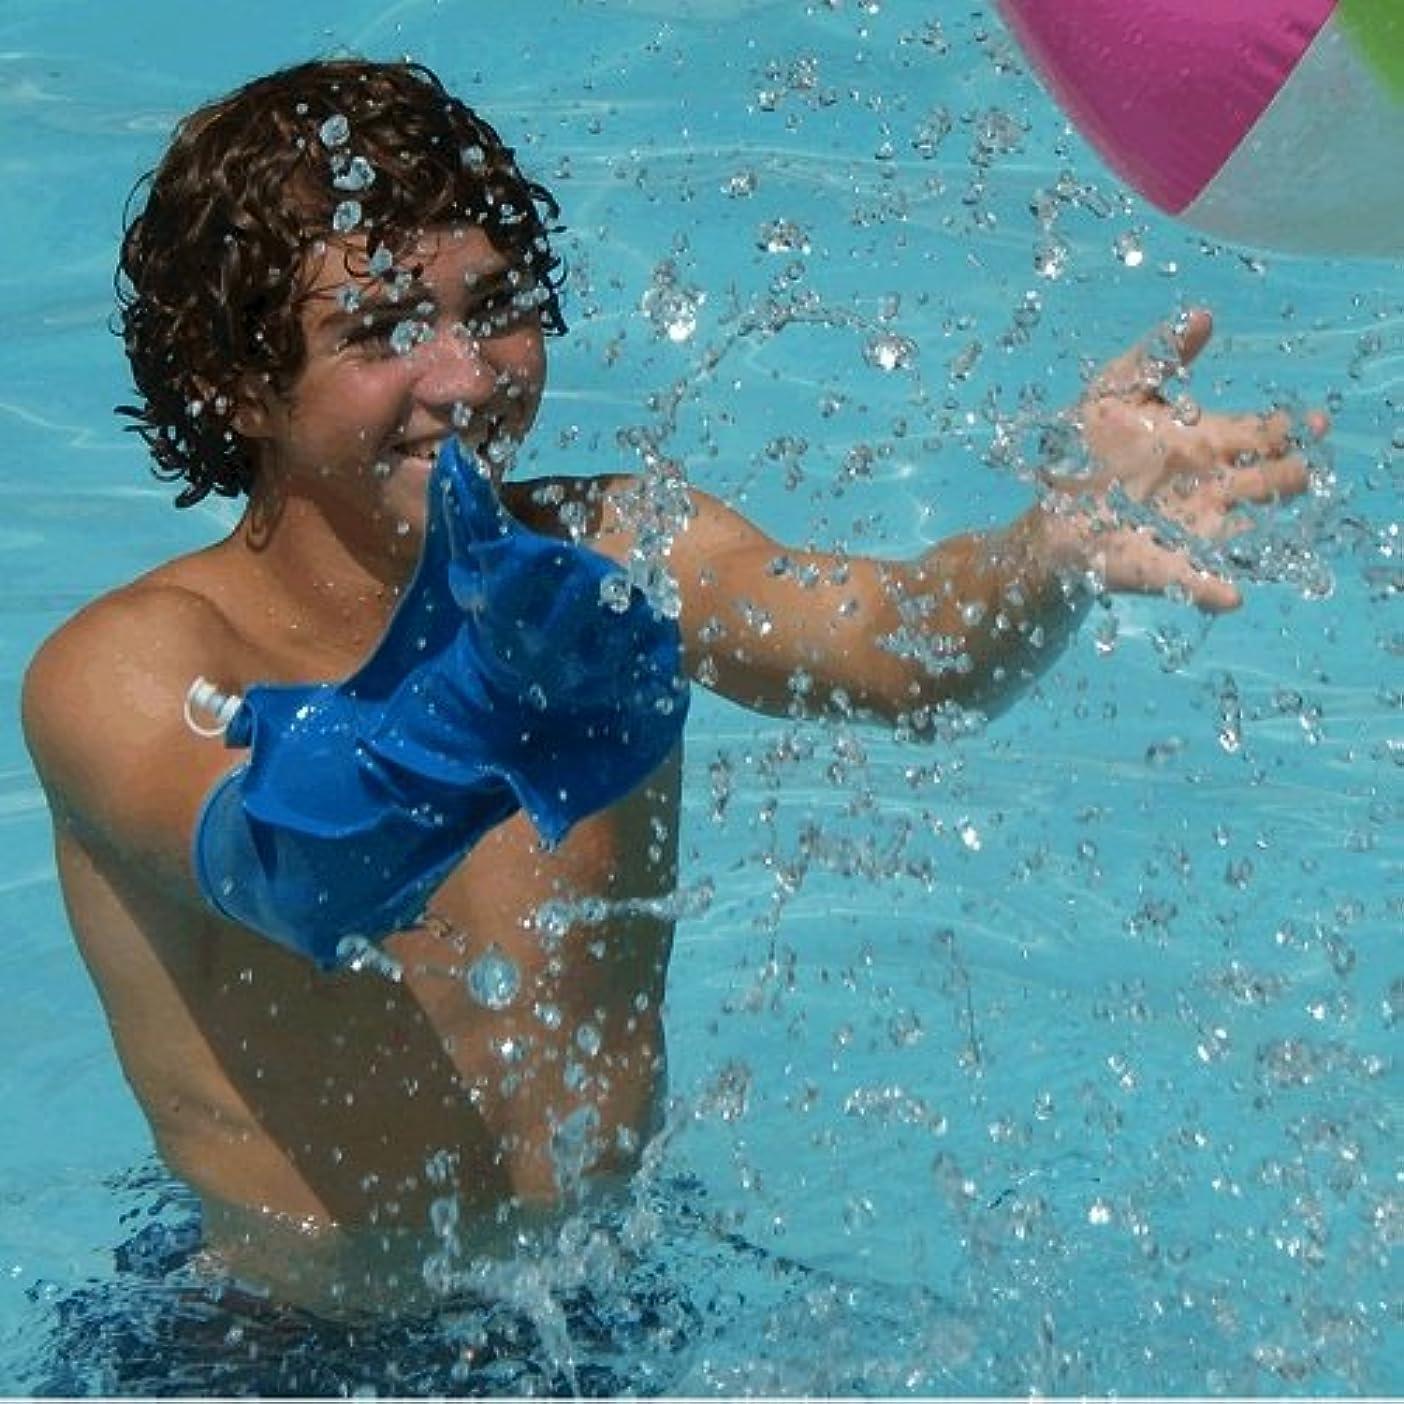 突撃サーキュレーション手【骨折】【ギプス】 ドライプロ 腕用防水カバー:ハーフサイズ (L)